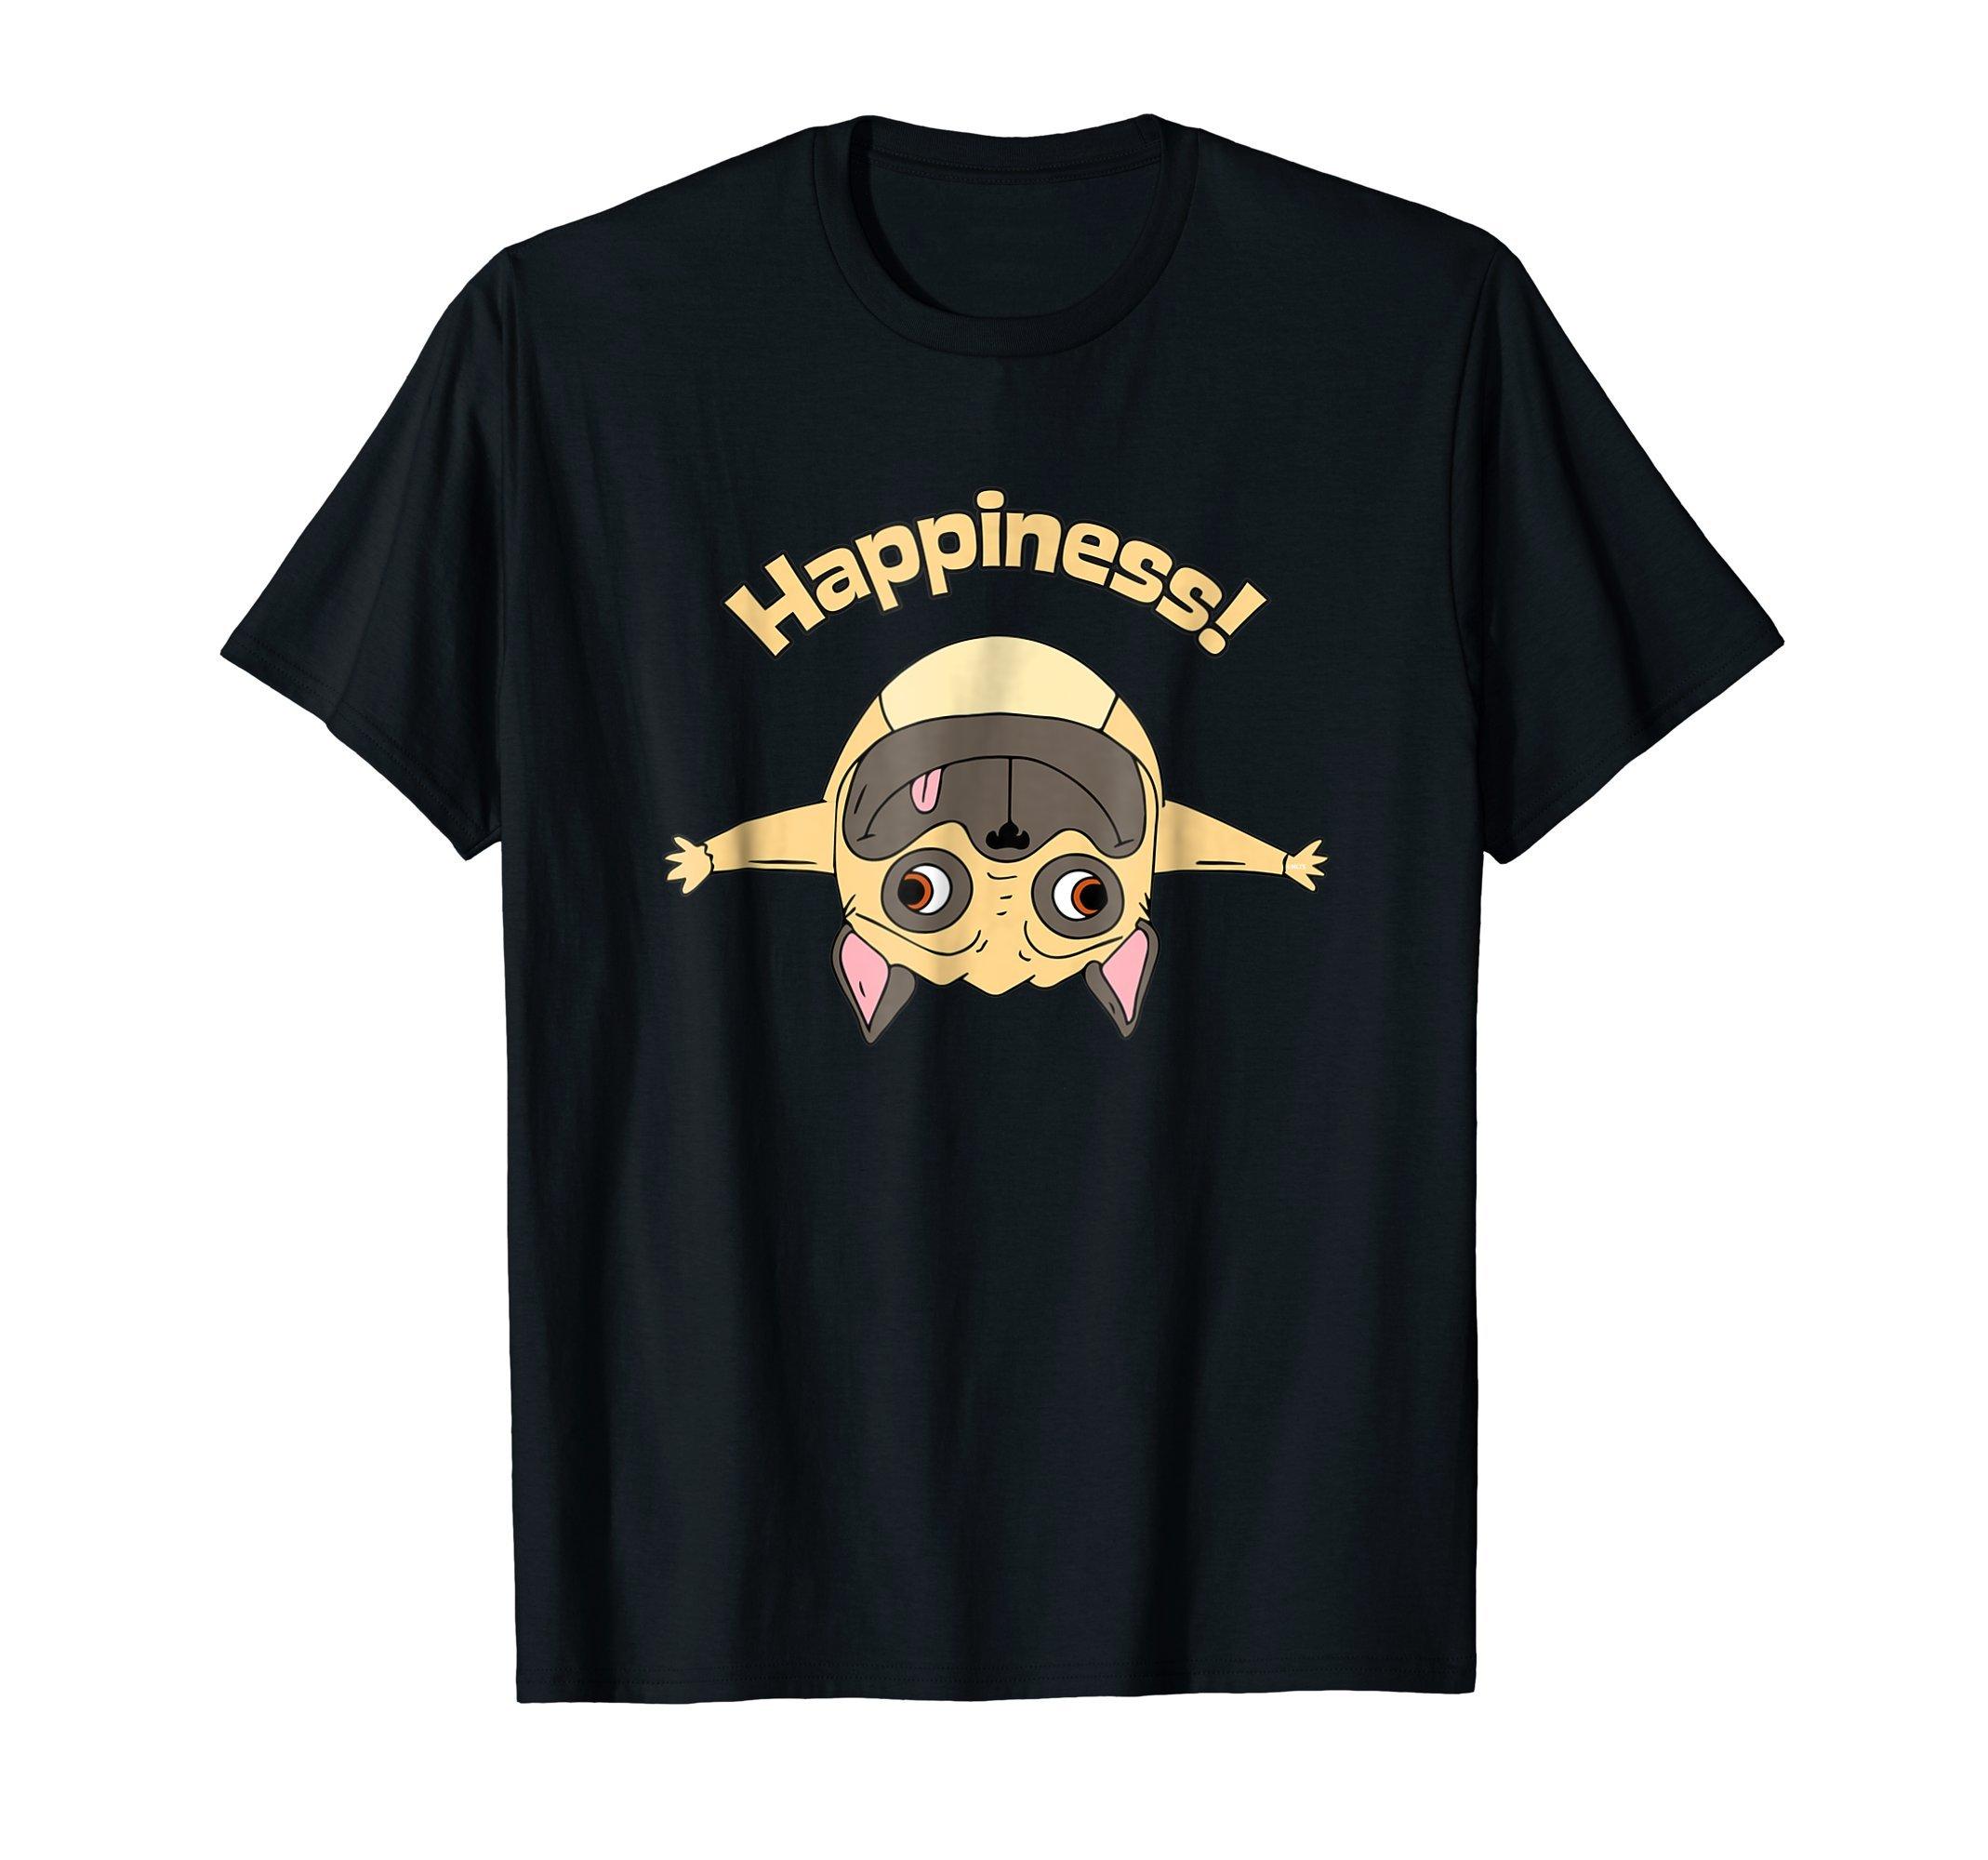 Happiness-Pug-Humor-Funny-T-Shirt-Shirt-Tee-Gift